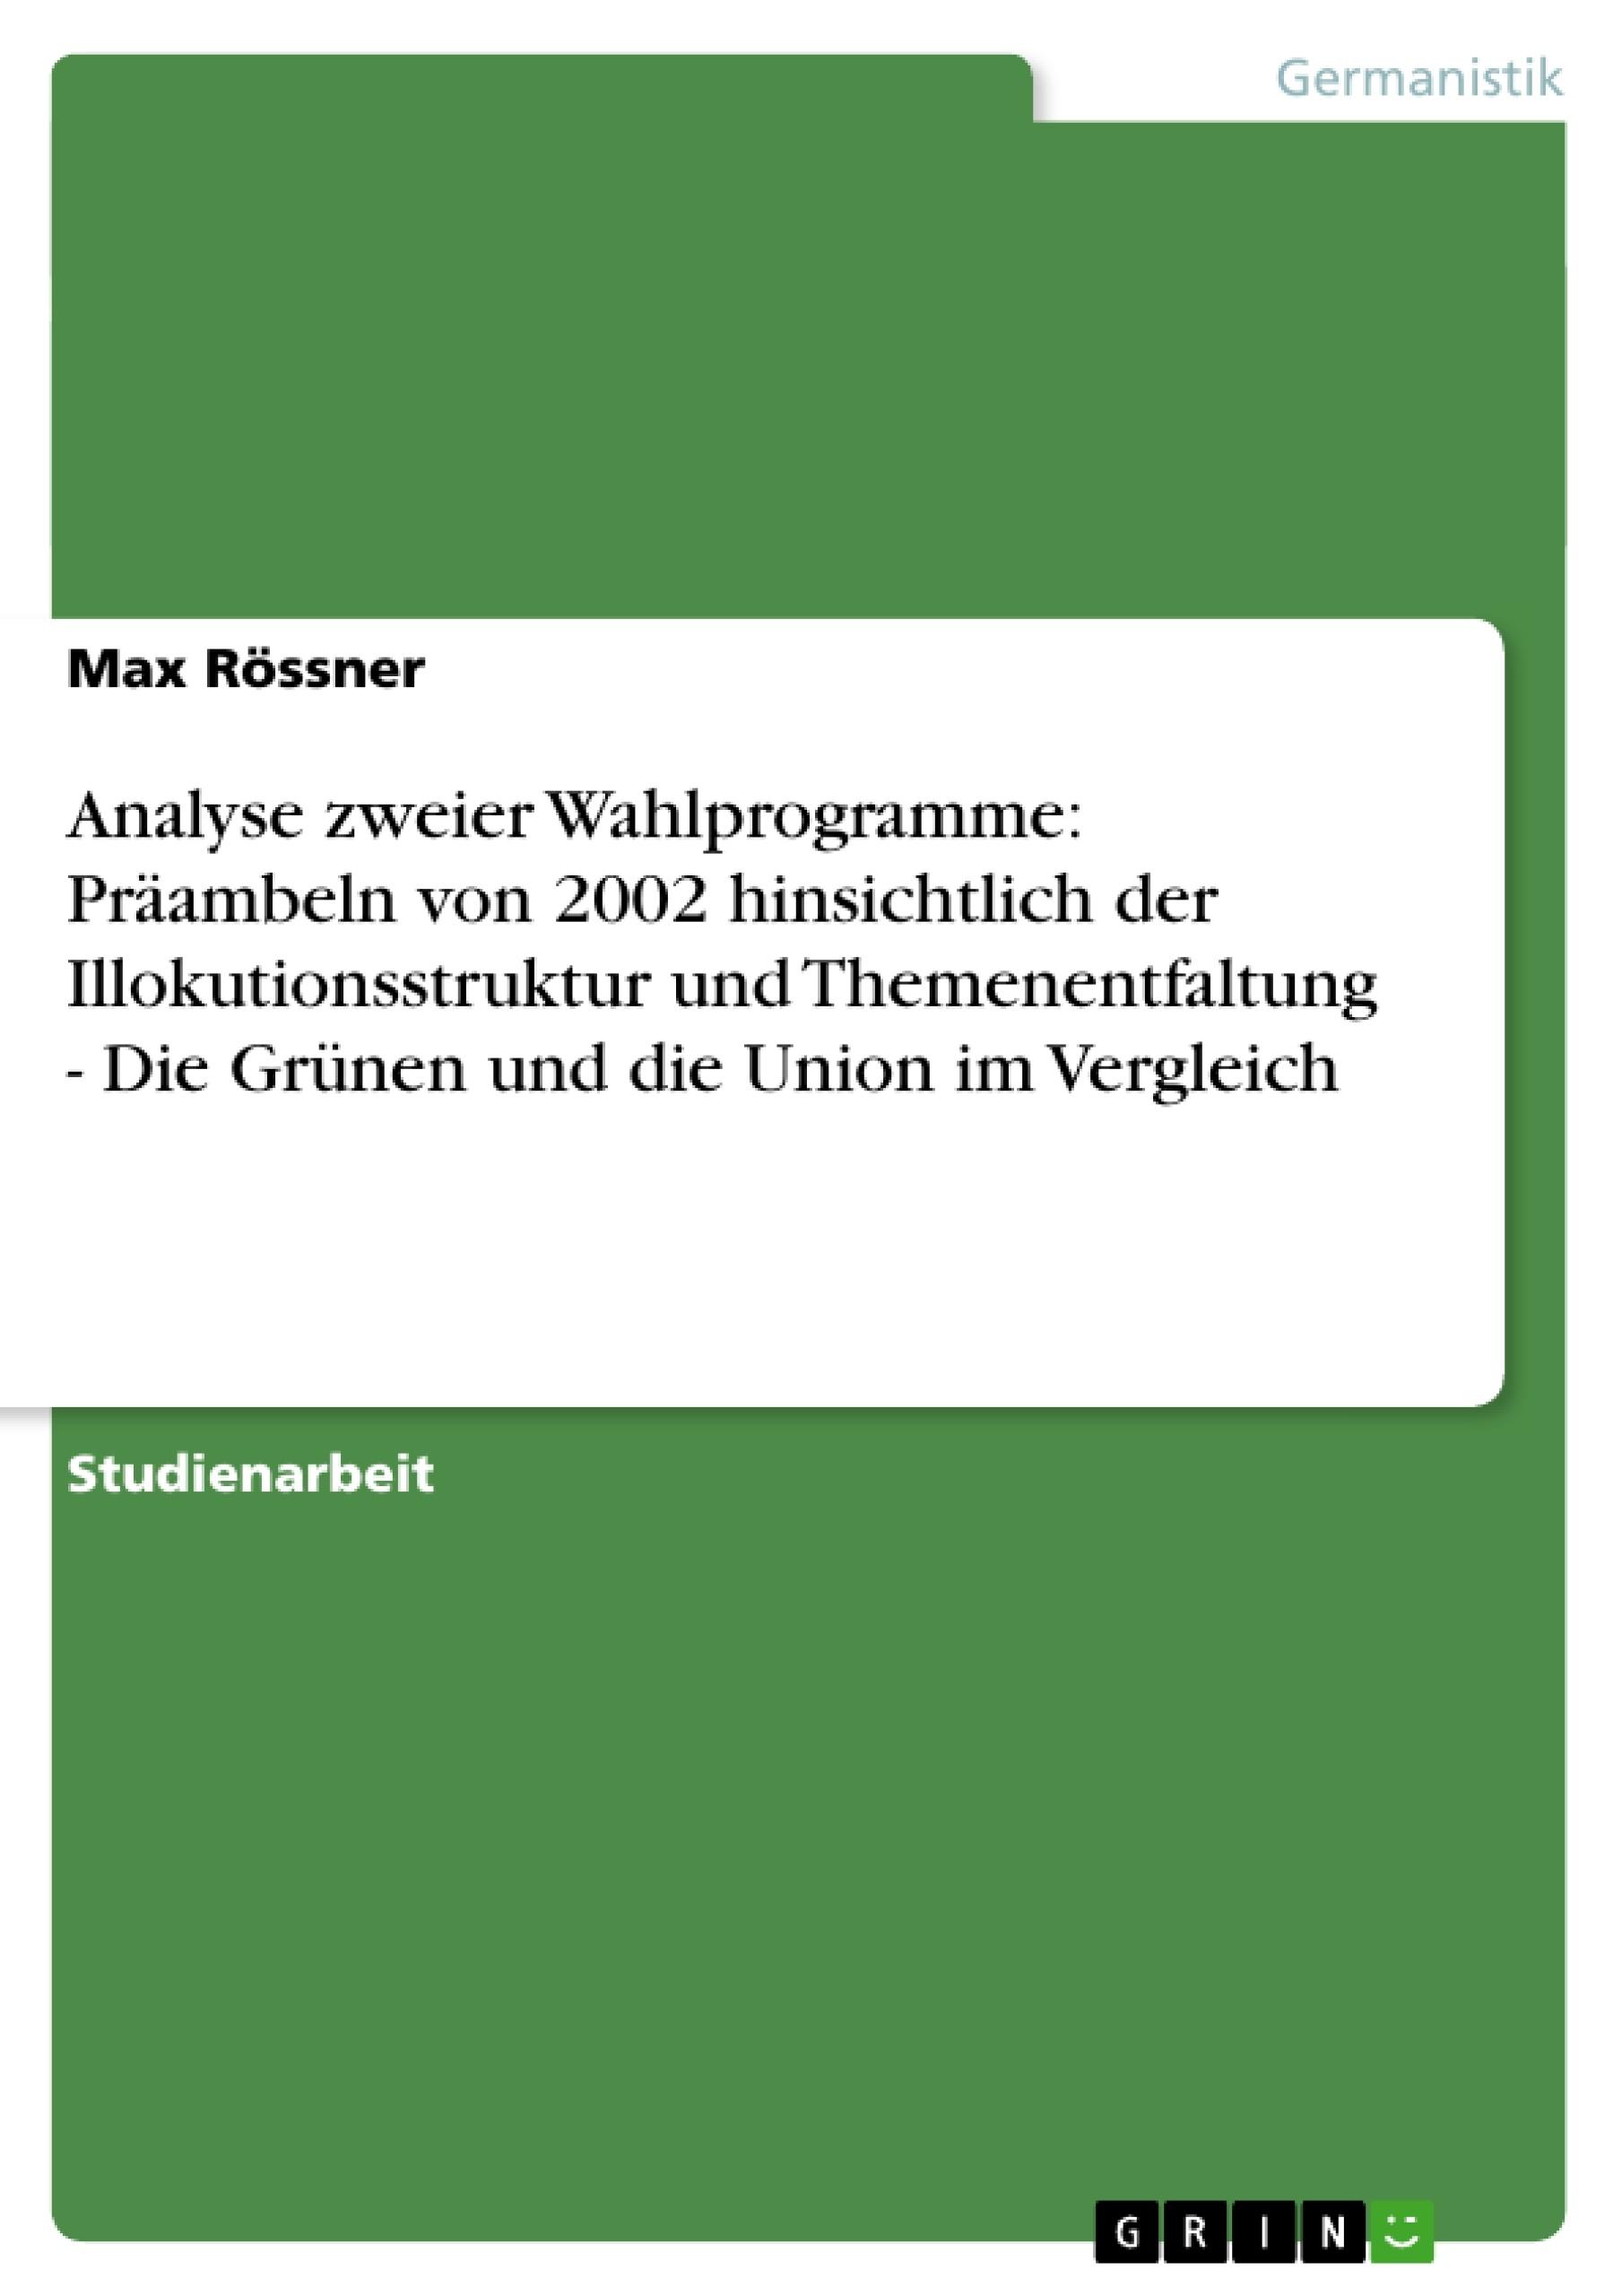 Titel: Analyse zweier Wahlprogramme: Präambeln von 2002 hinsichtlich der Illokutionsstruktur und Themenentfaltung - Die Grünen und die Union im Vergleich